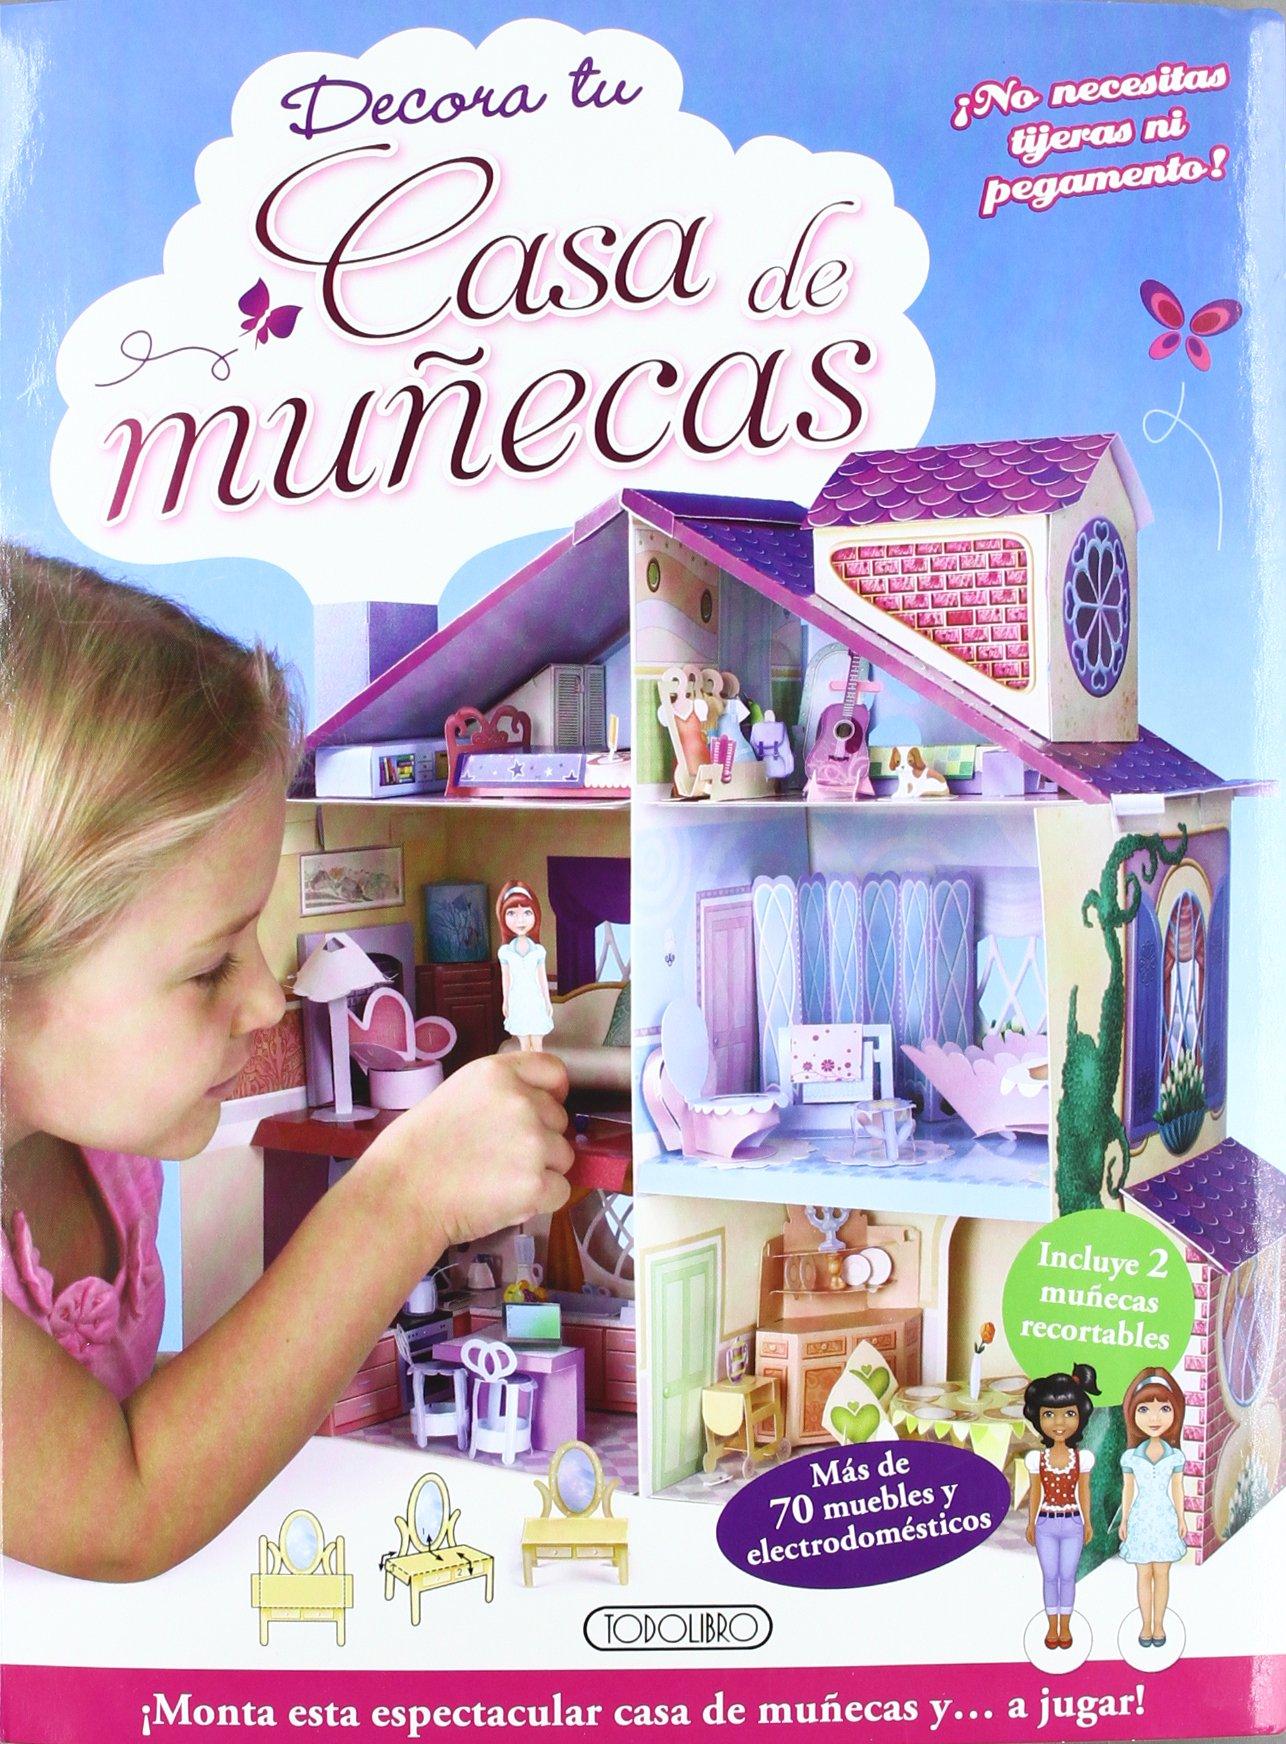 Casa de muñecas: V.V.A.A: 9788499137001: Amazon.com: Books